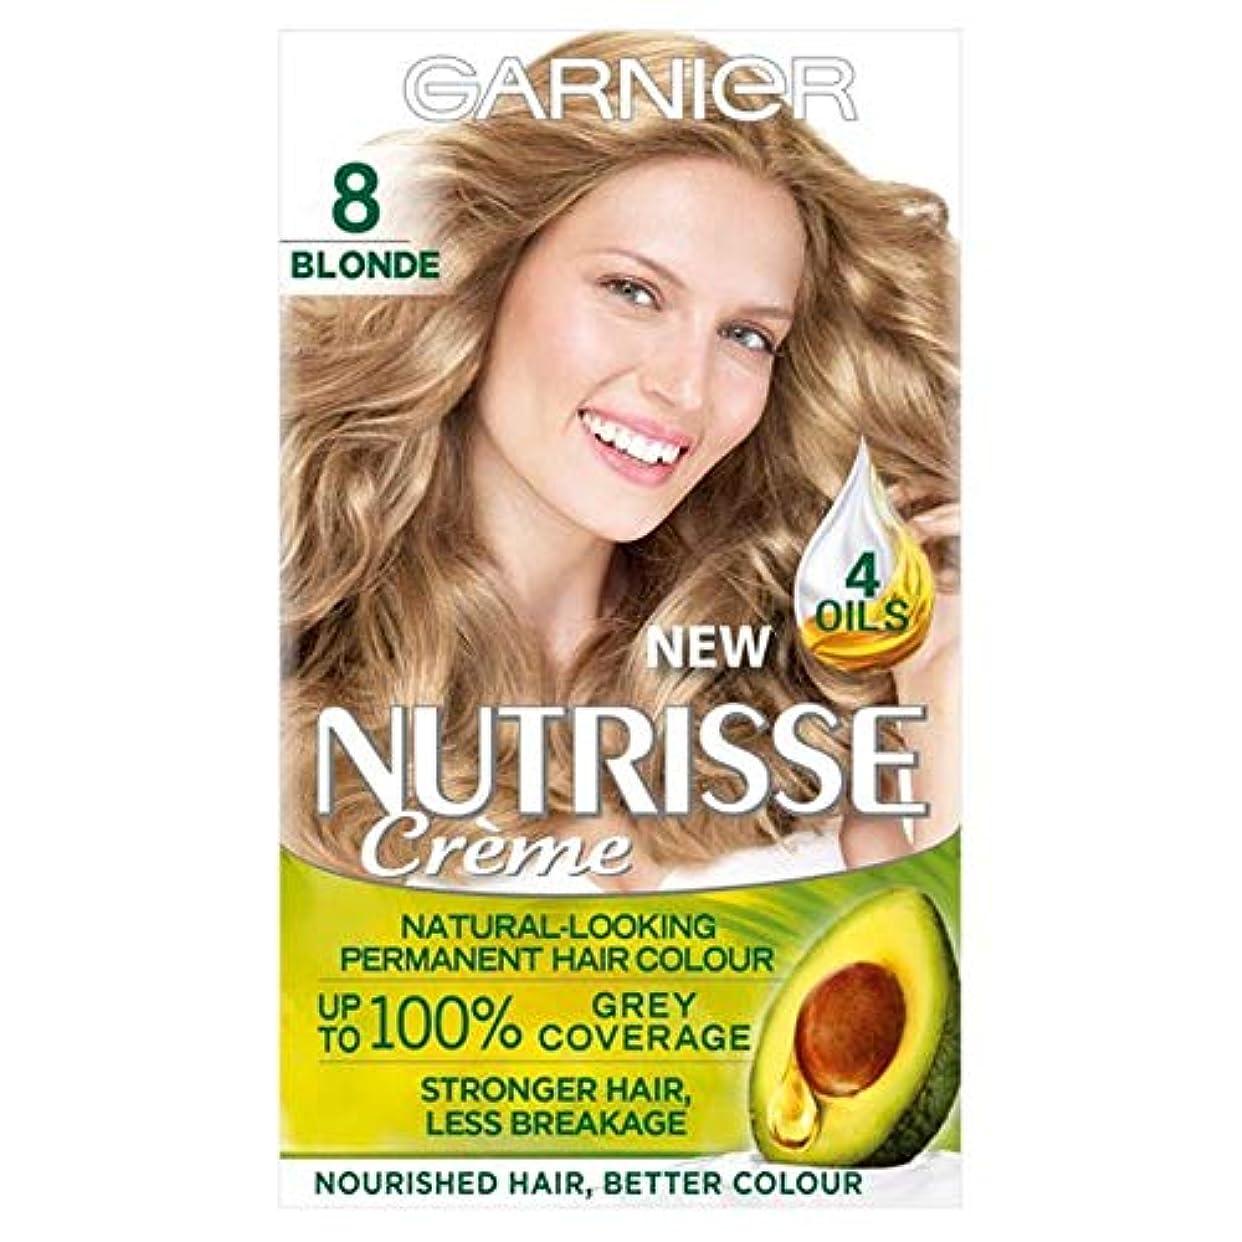 ヒール興奮マラウイ[Nutrisse] 8ブロンドの永久染毛剤Nutrisseガルニエ - Garnier Nutrisse 8 Blonde Permanent Hair Dye [並行輸入品]